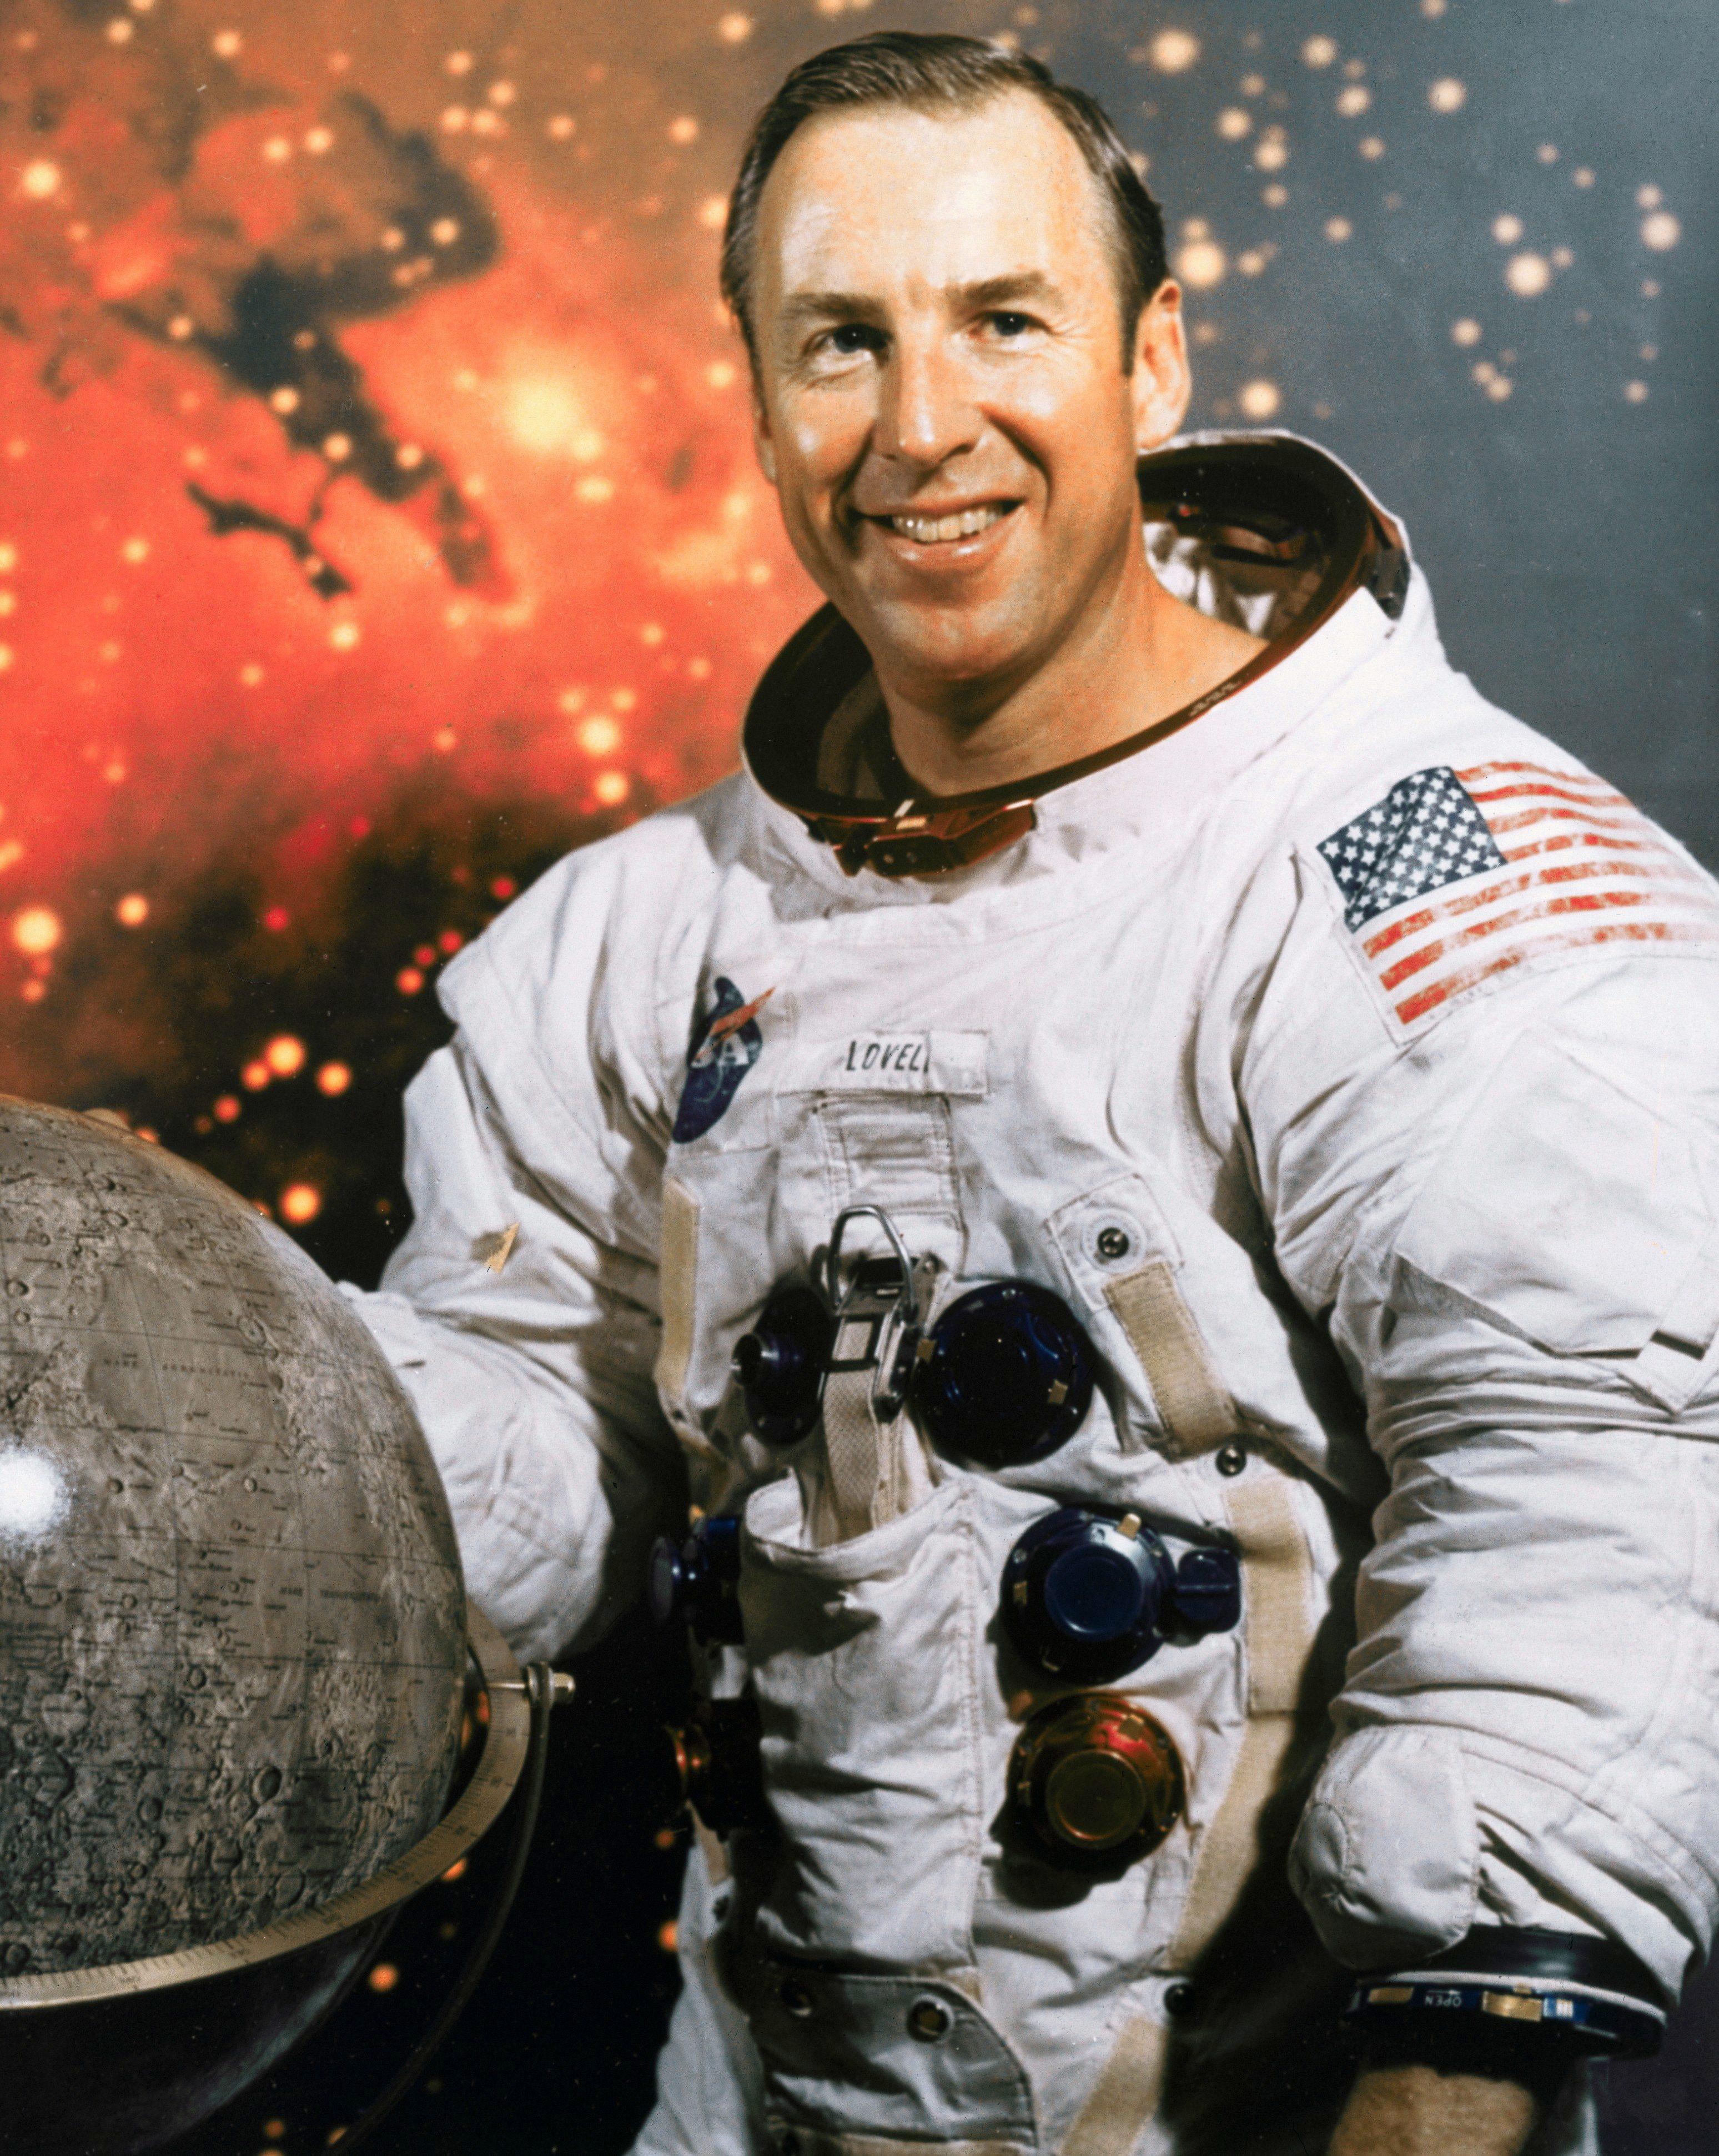 Astronaut James A. Lovell Jr. Smiling